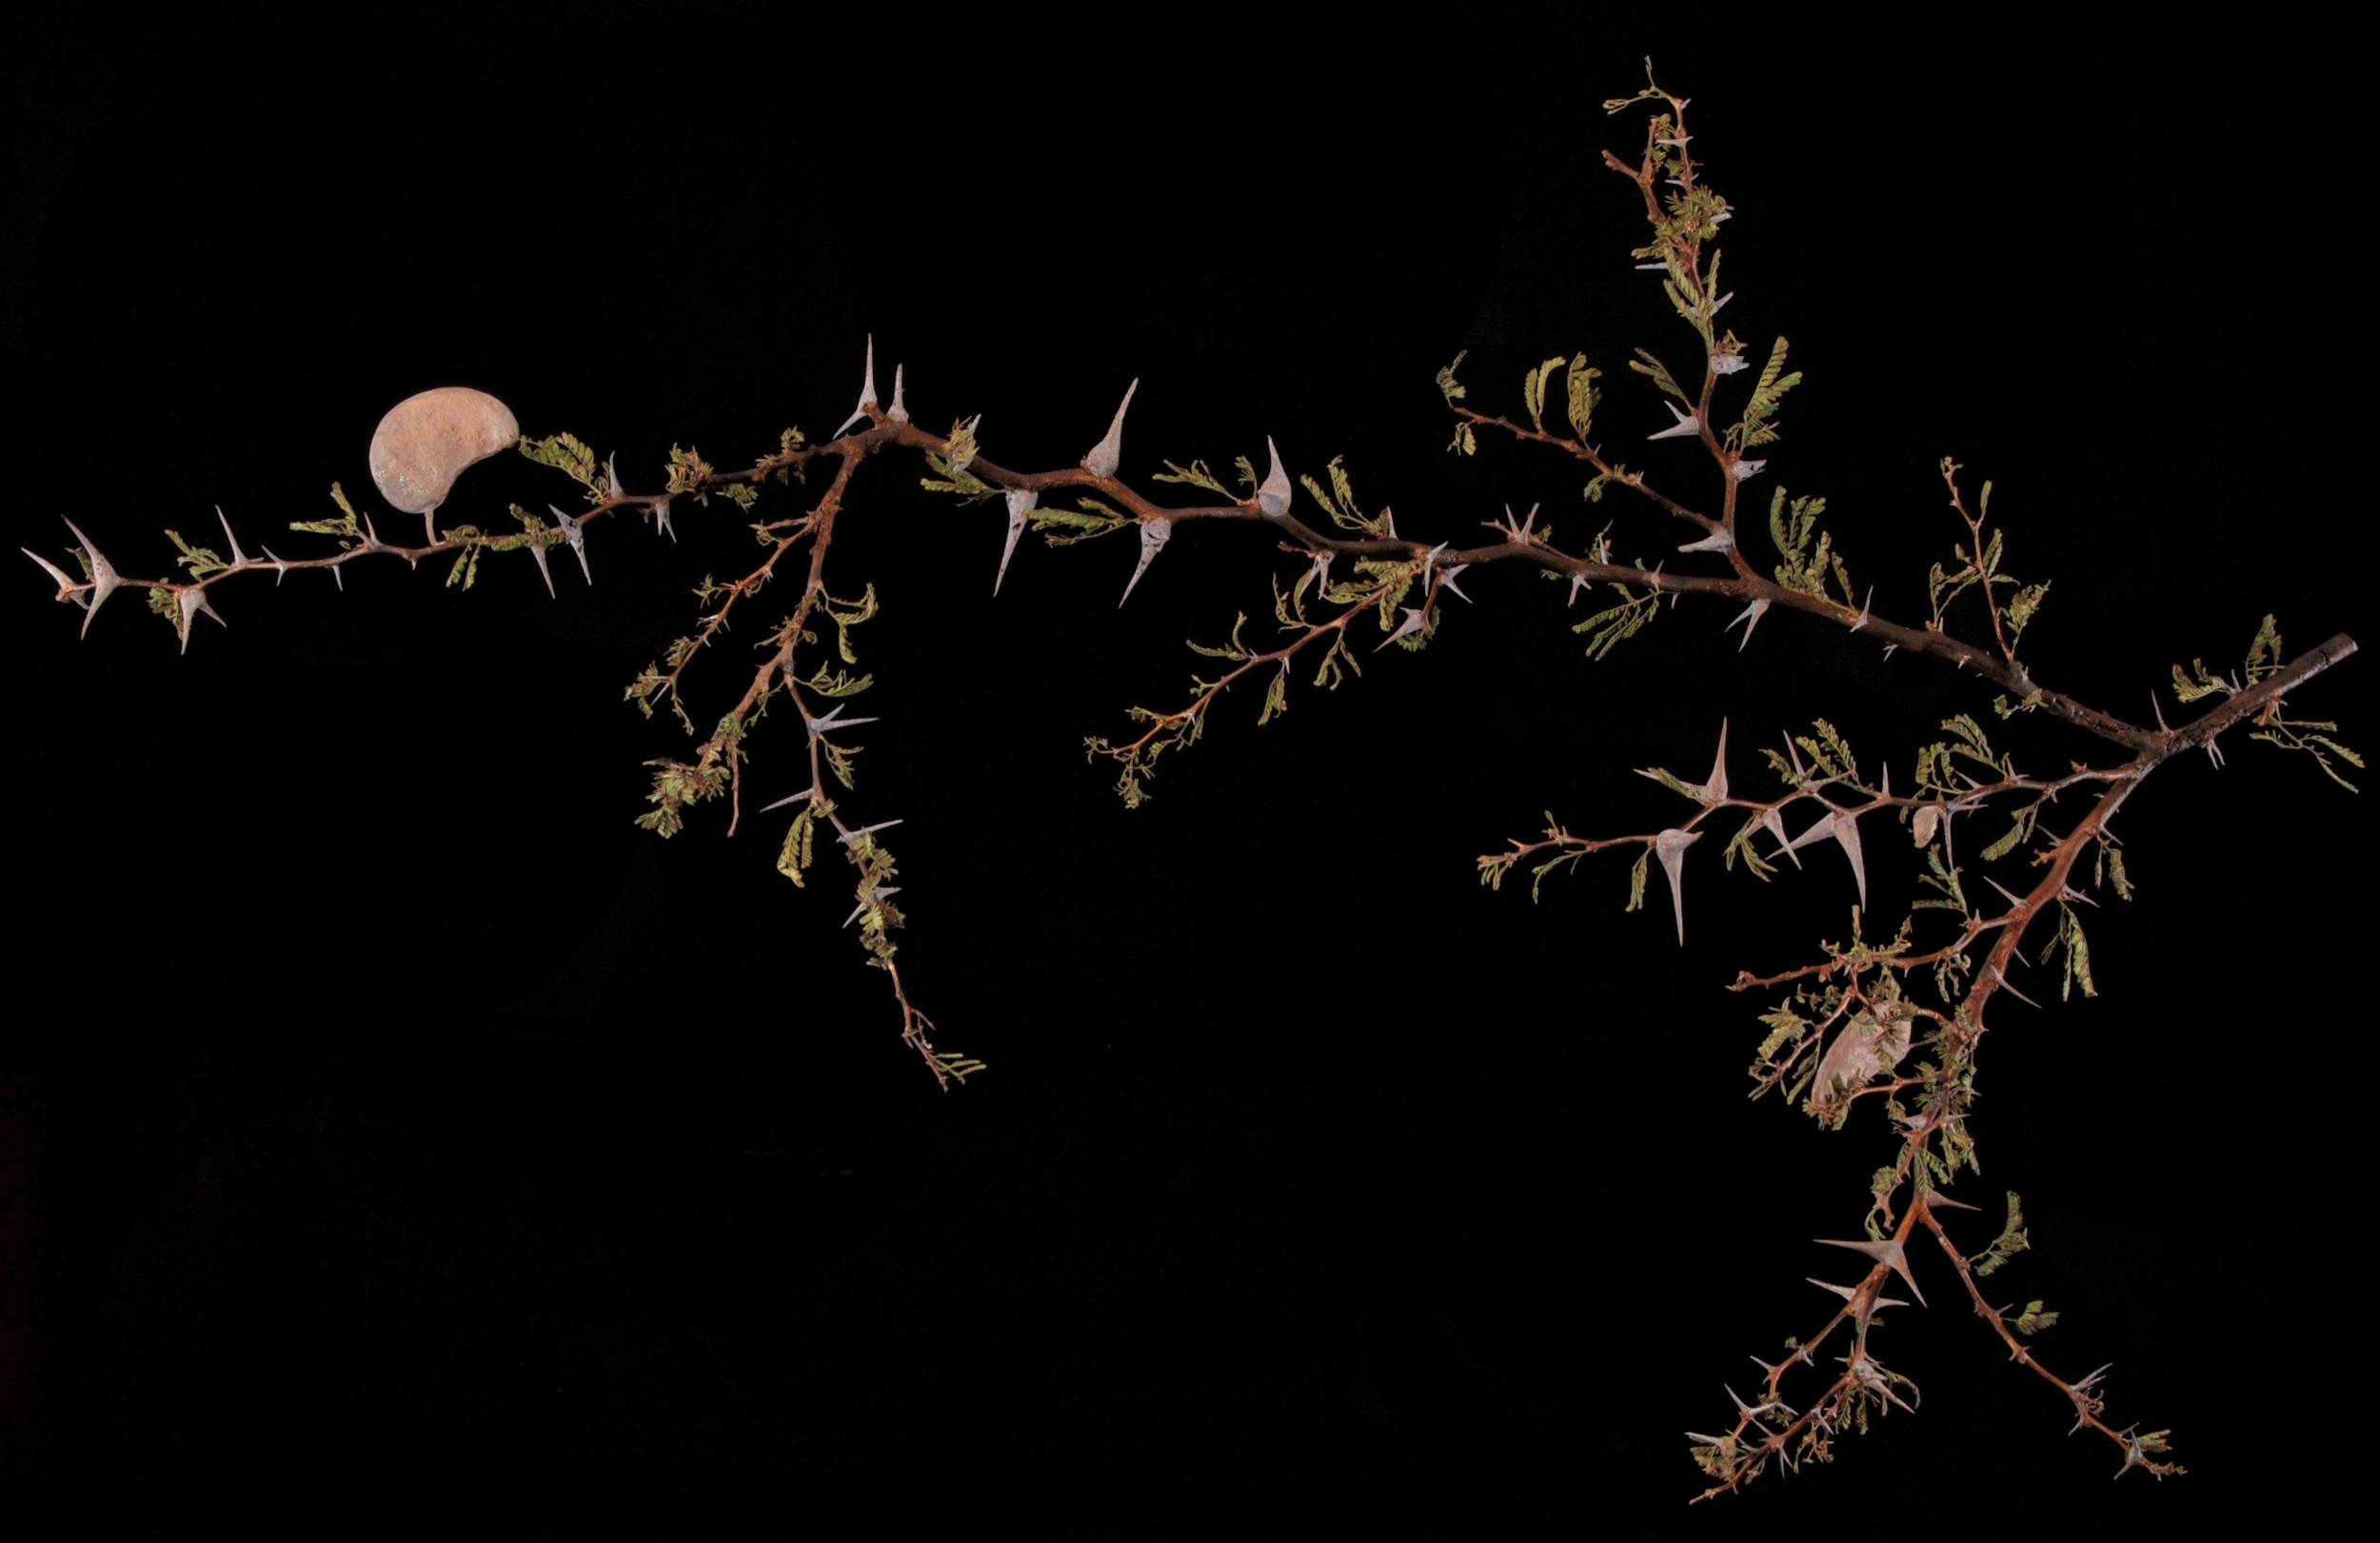 <i>Acacia erioloba</i>